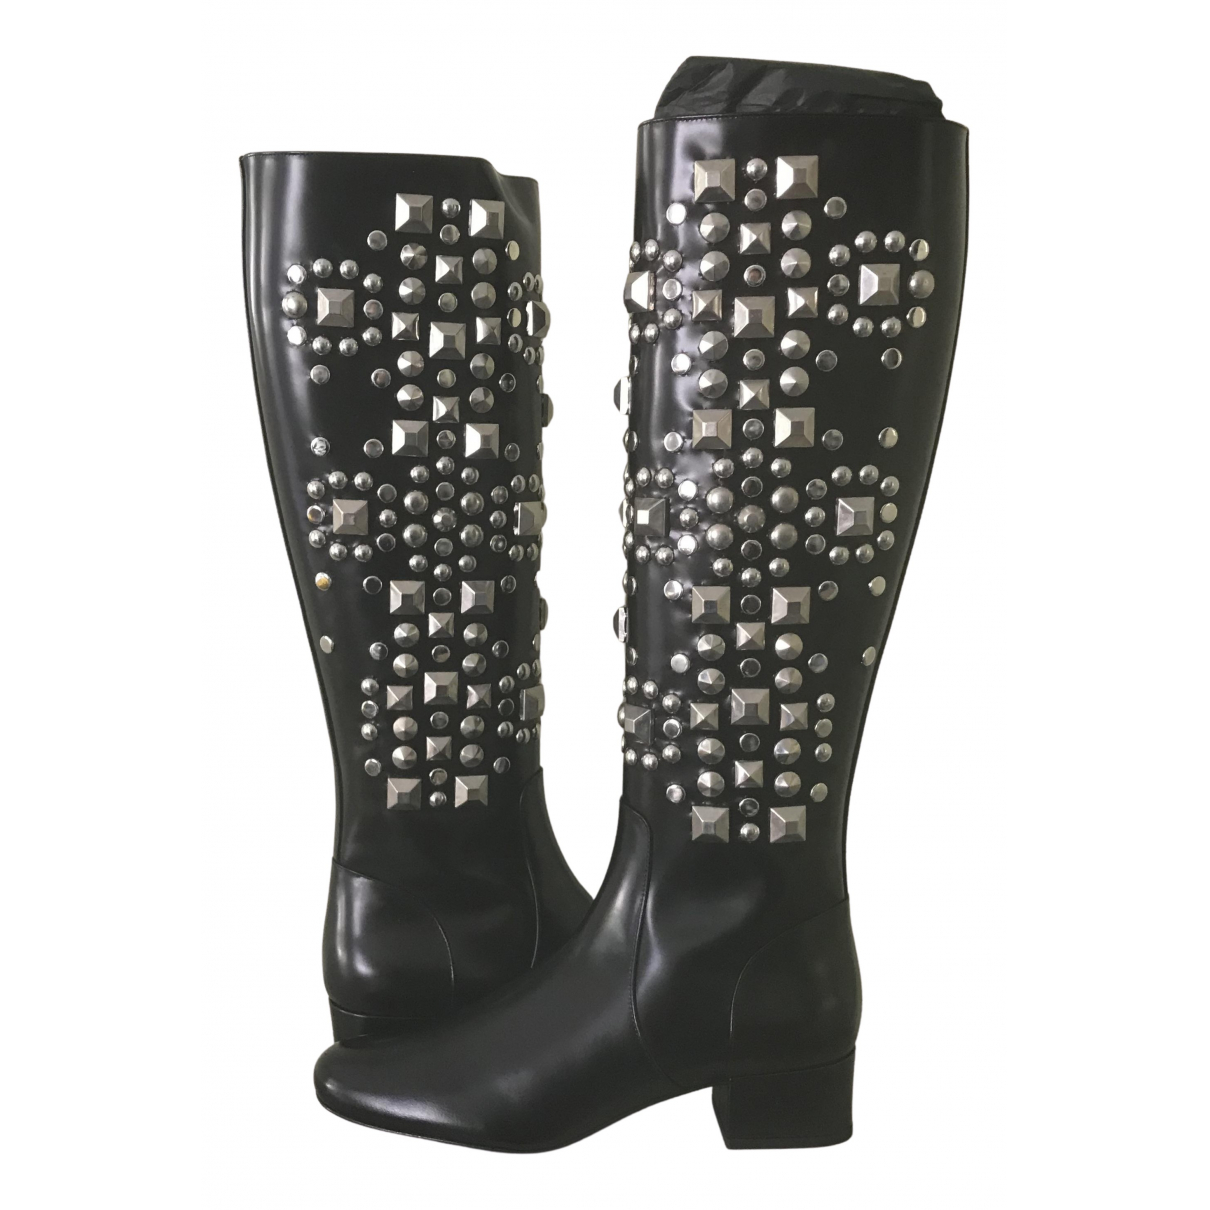 Saint Laurent N Black Leather Boots for Women 38.5 EU